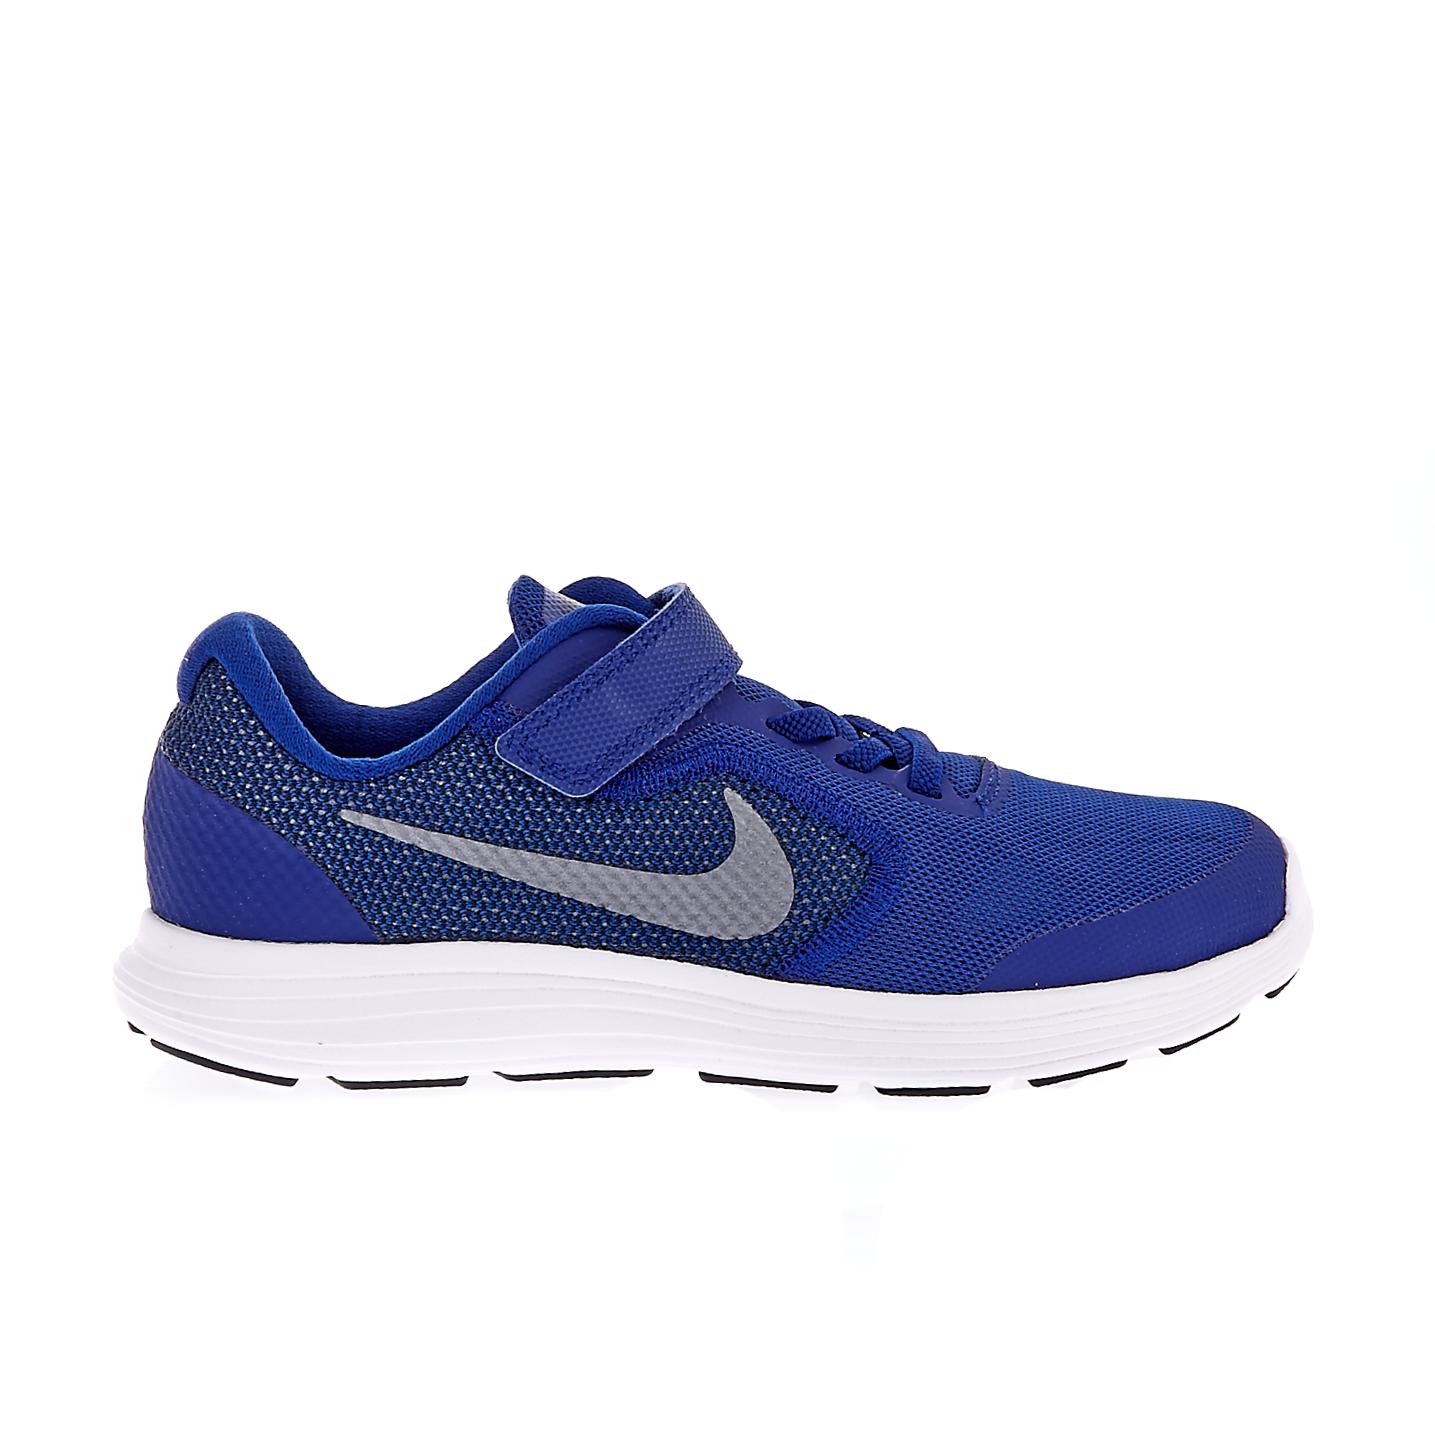 NIKE - Παιδικά αθλητικά παπούτσια NIKE REVOLUTION 3 μπλε e01c9e402c8